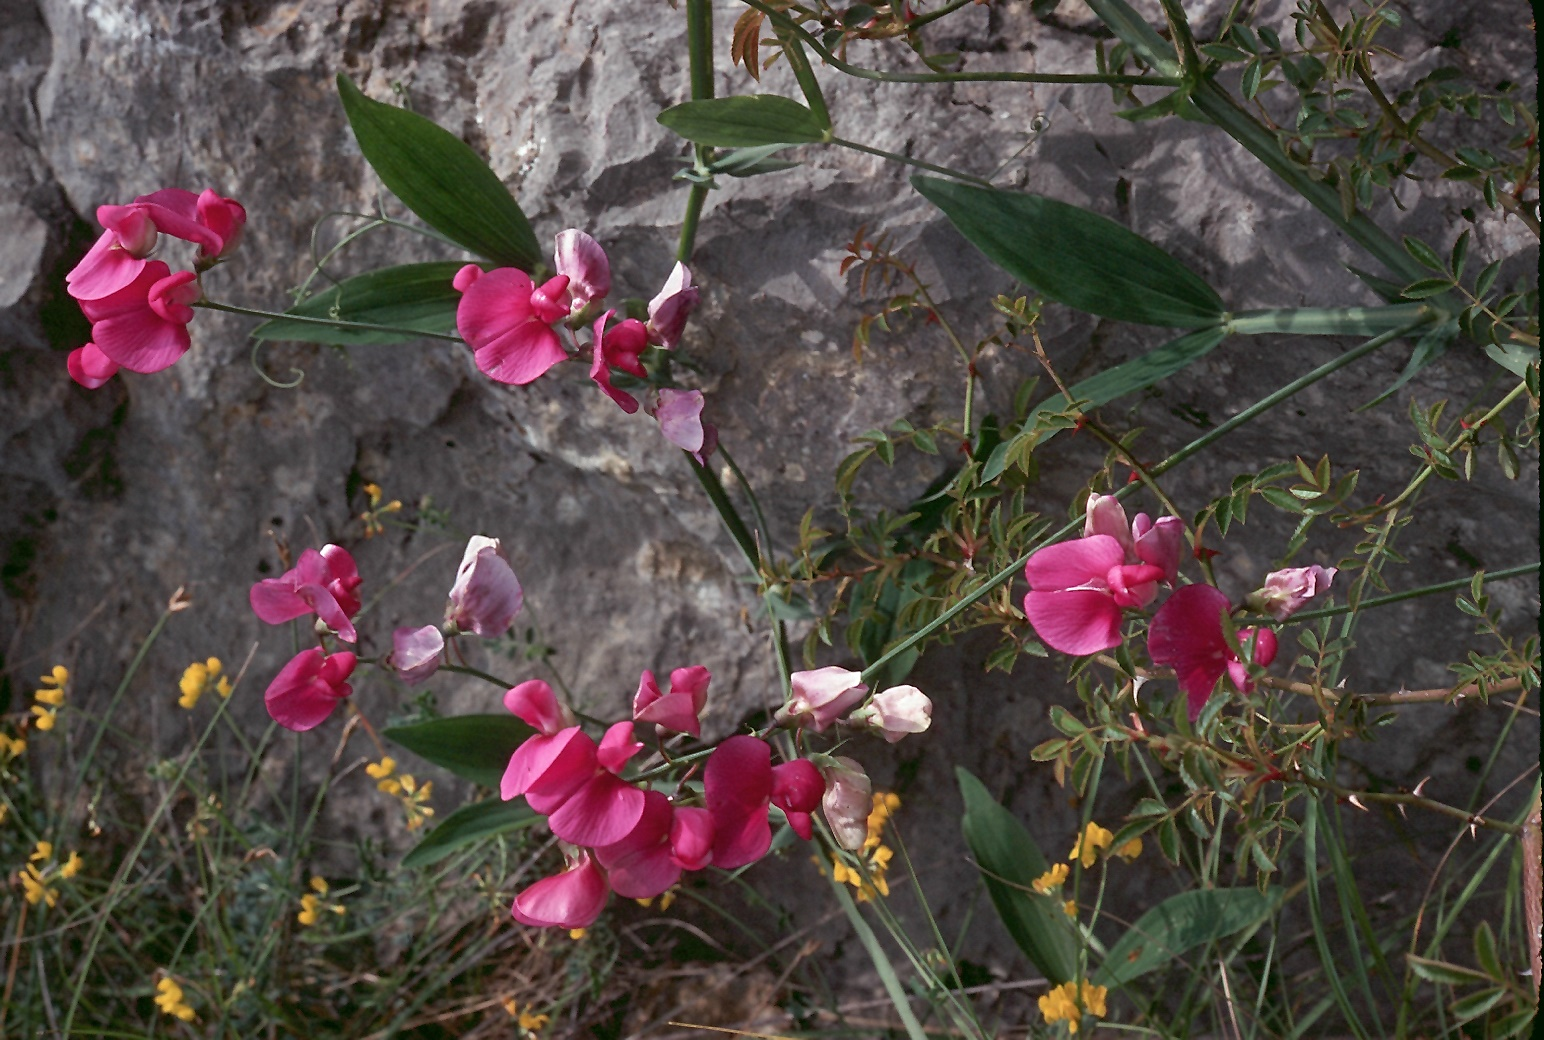 Lathyrus latifolius